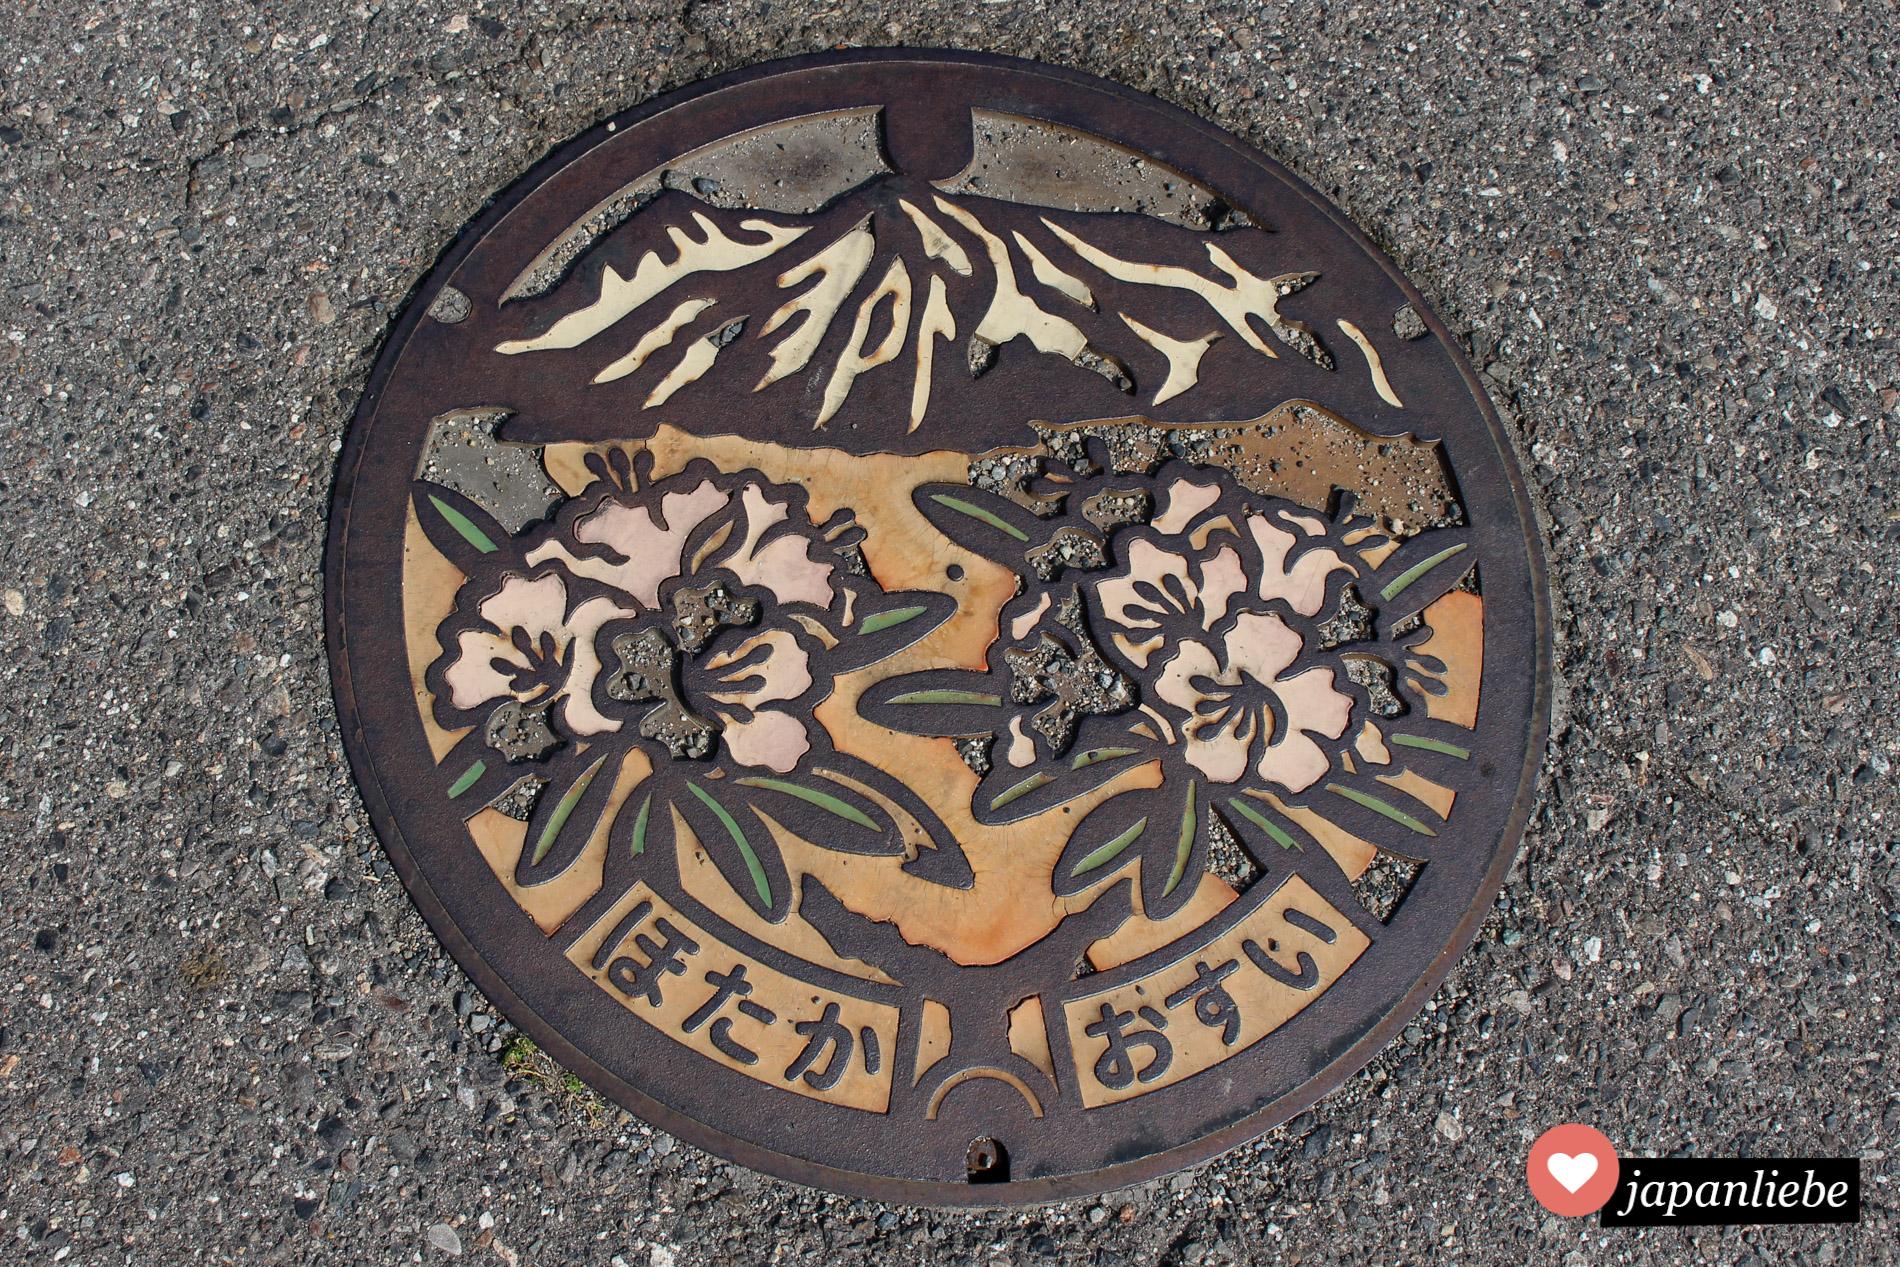 Der Kanaldeckel der Stadt Hotaka zeigt Rhododendron und die japanischen Alpen.